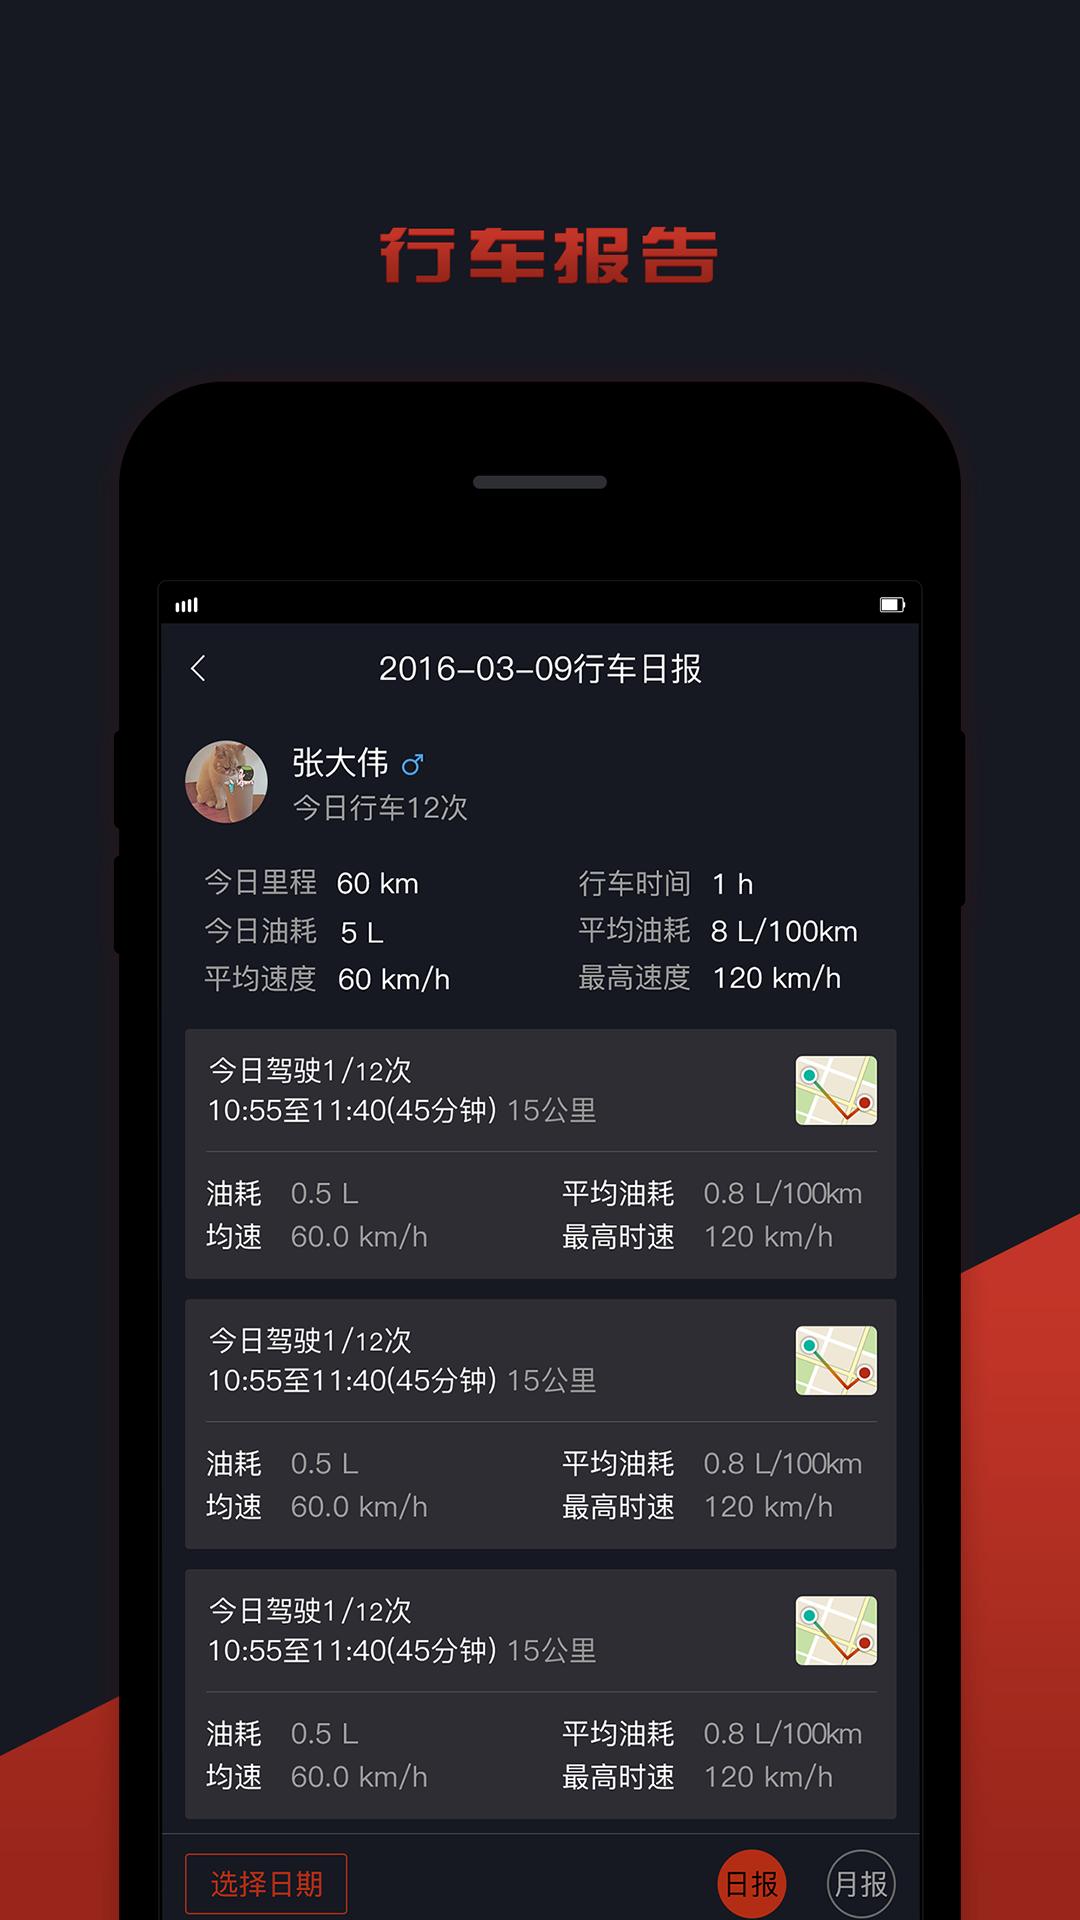 野马e行A版 V2.3.0 安卓版截图2